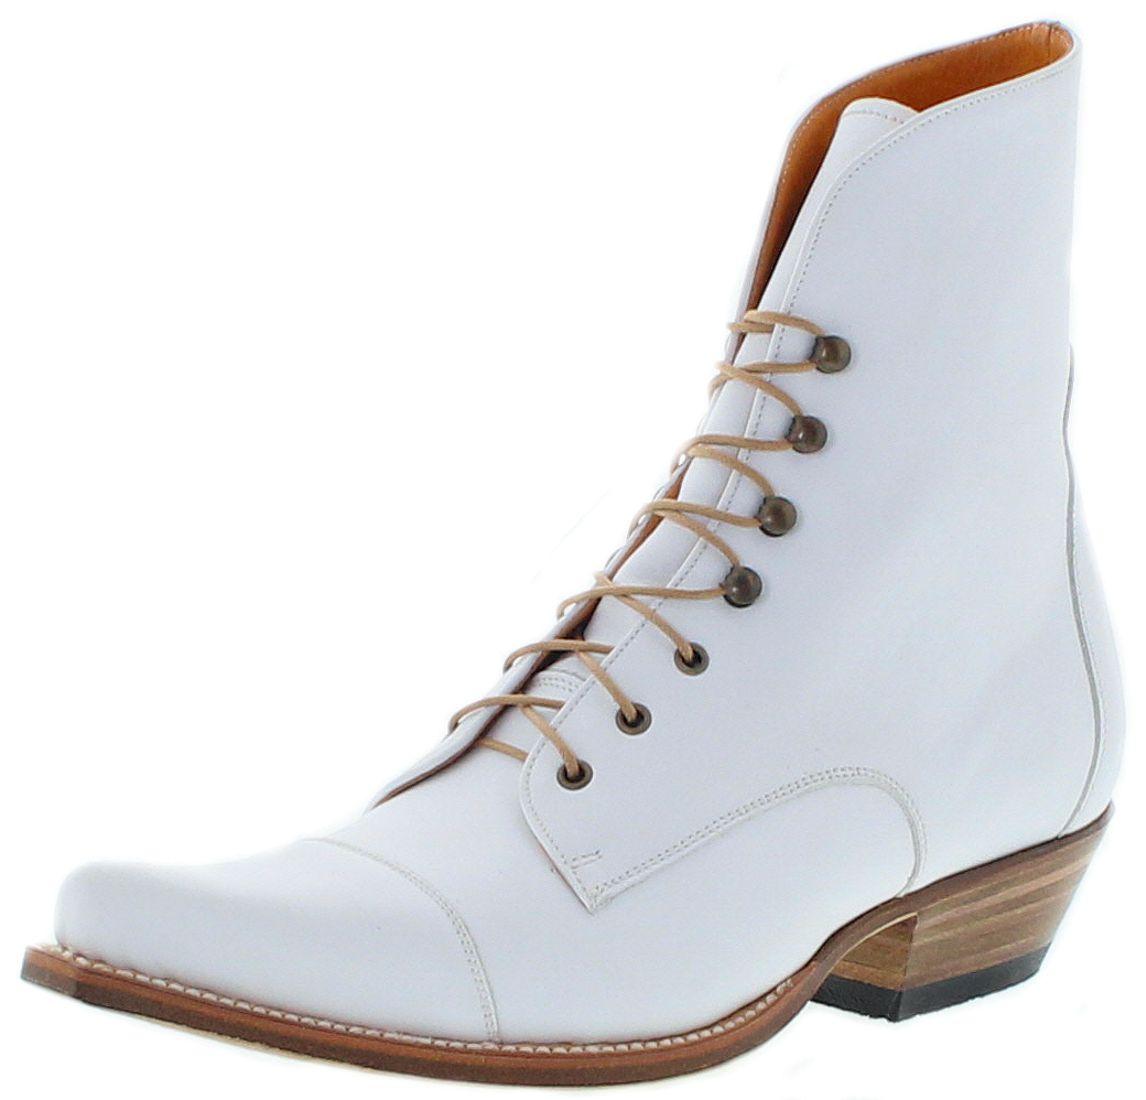 Sendra Boots 2699 Bartolo Blanco Ladies Laced Boots - White